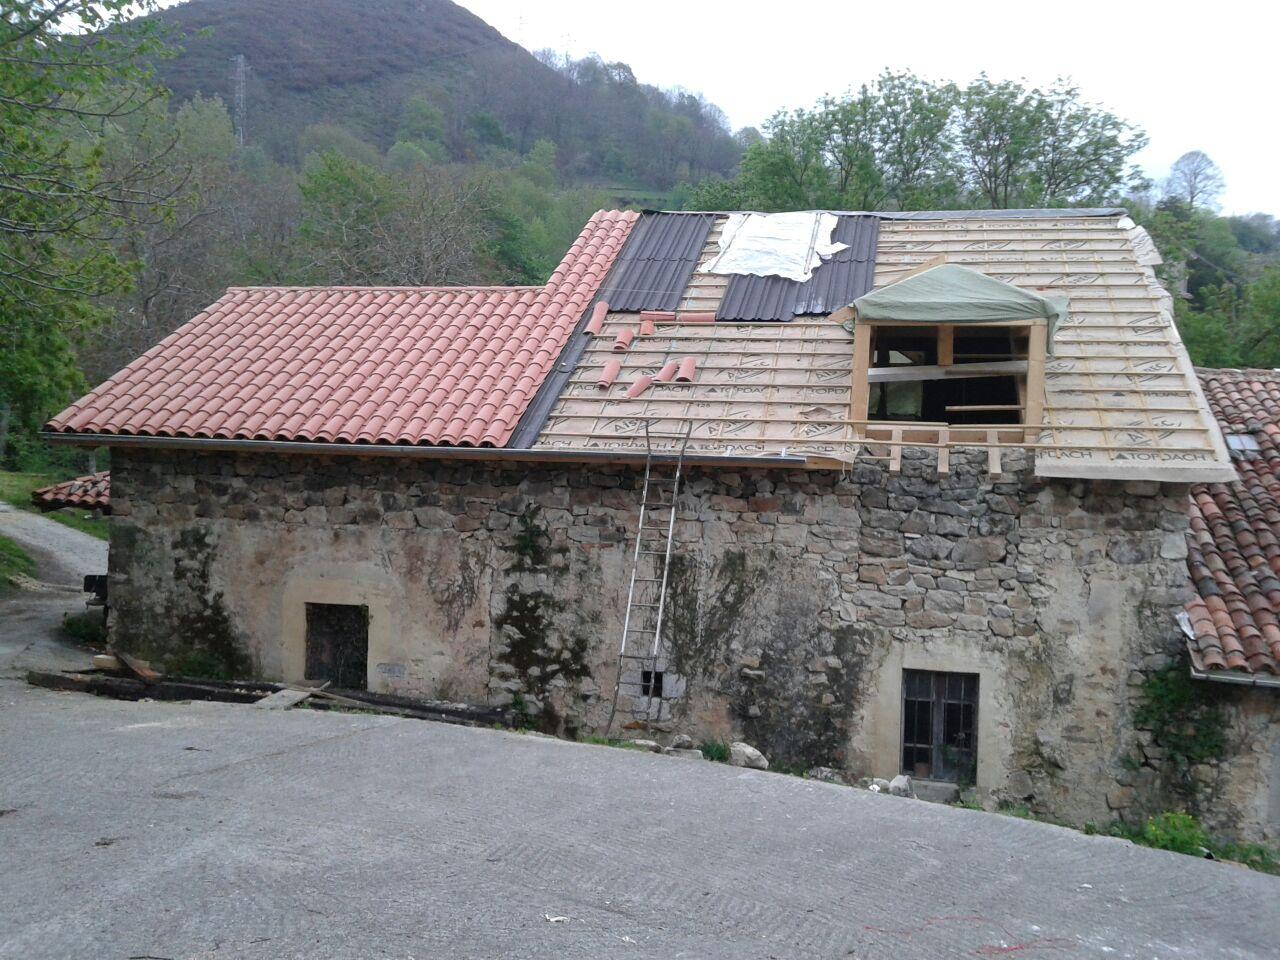 Tejado rehabilitaci n de tejado en casa de piedra - Rehabilitacion de casas rurales ...